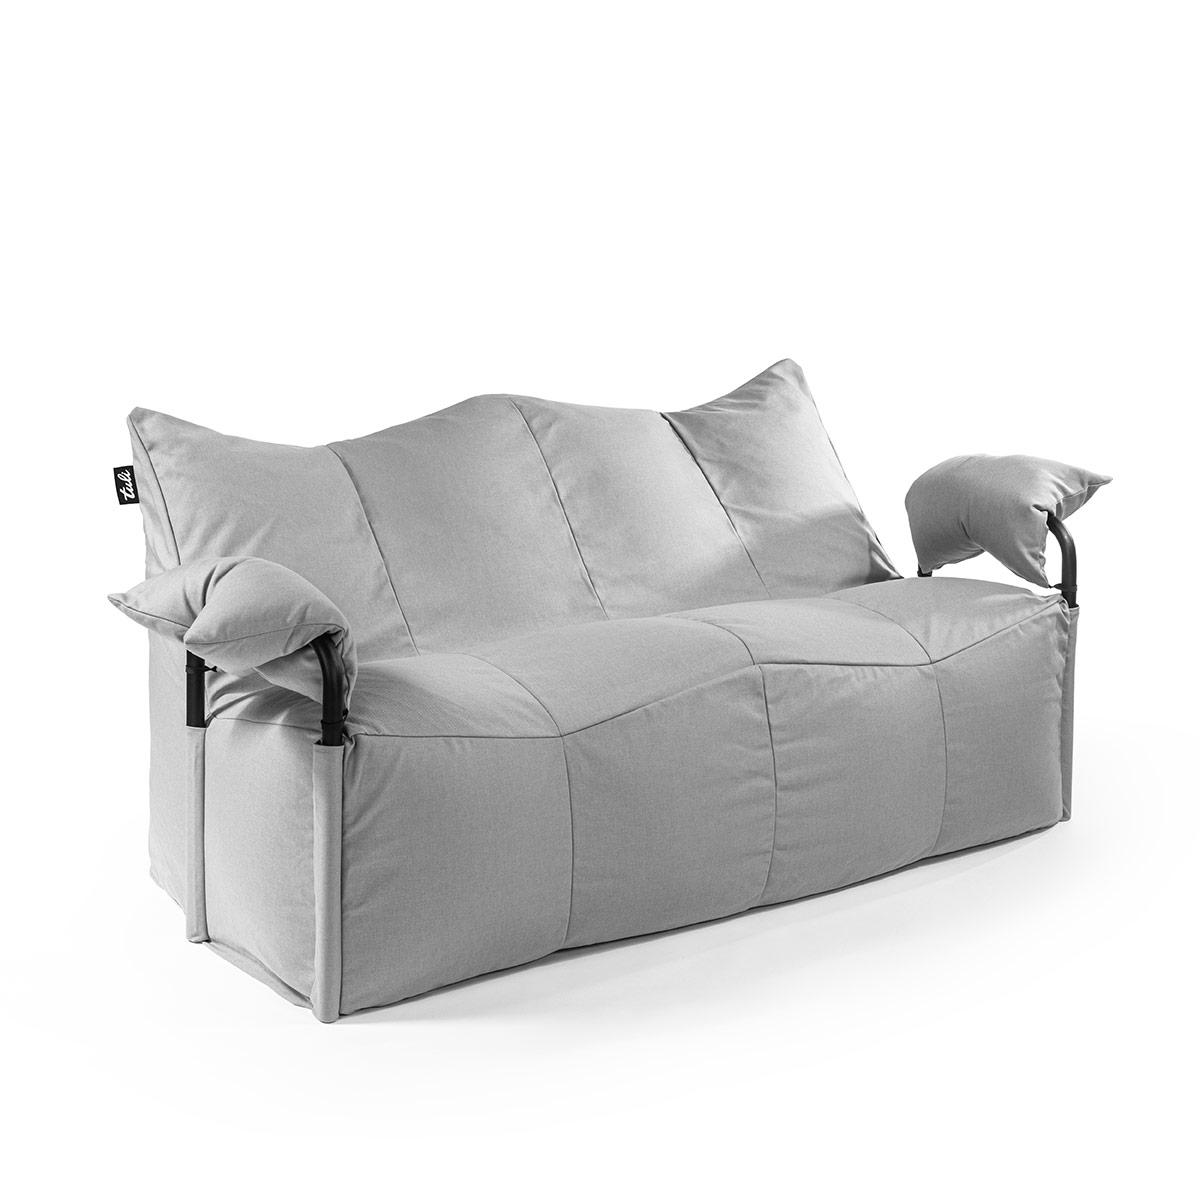 Tuli Corny Double Rest Snímateľný poťah - Universal Betónová